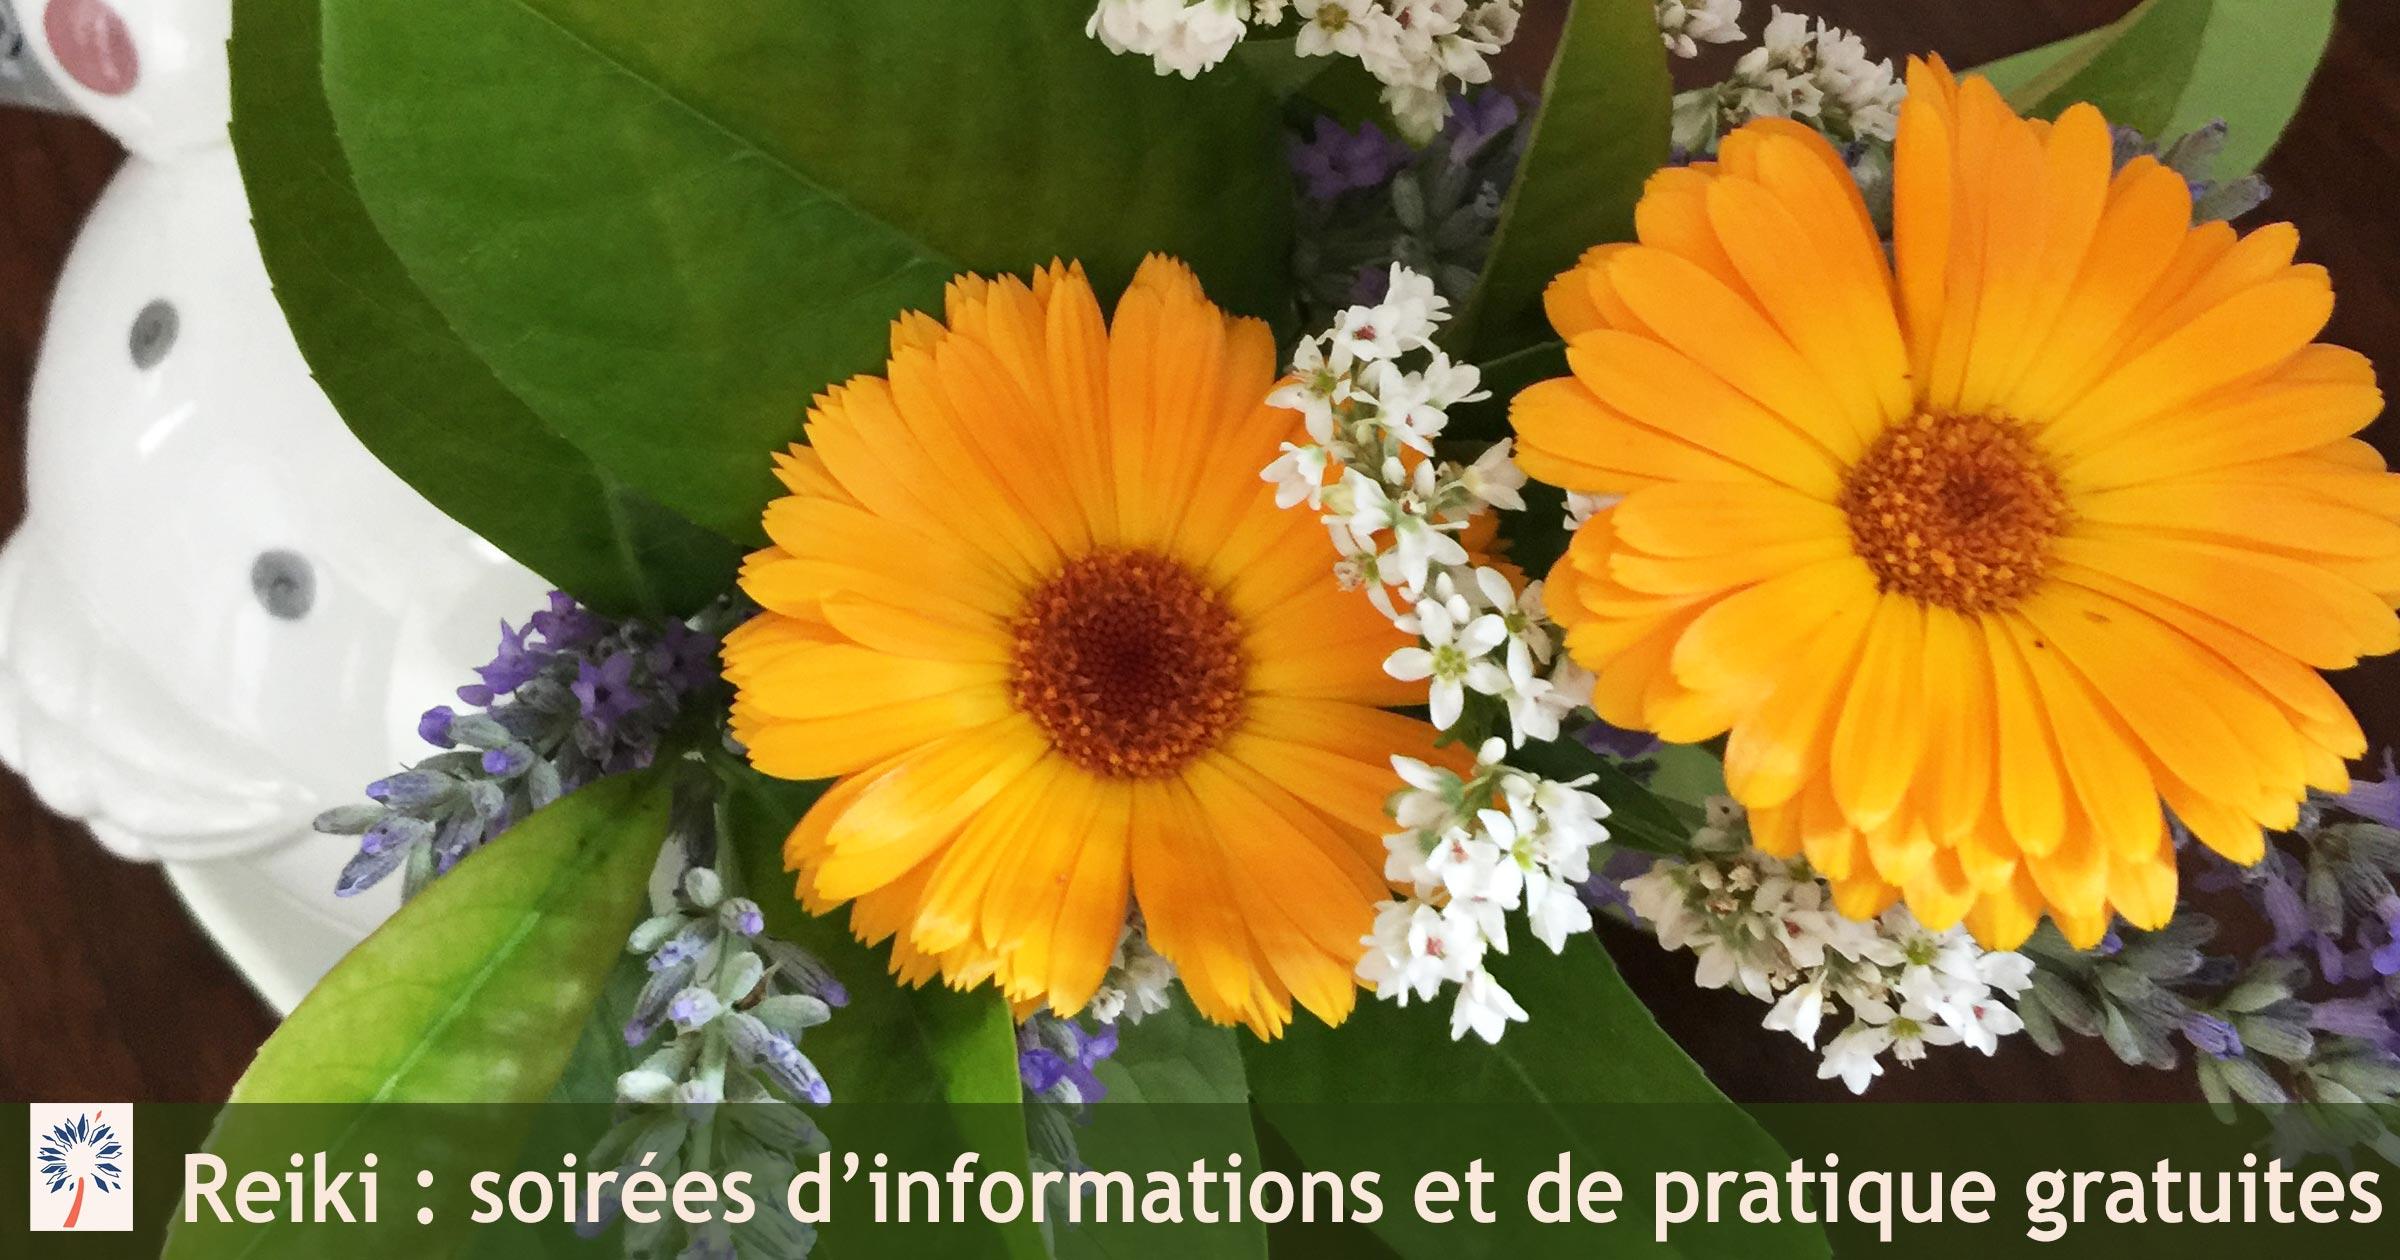 Soirées d'informations gratuites sur le Reiki, à Belfort, Montbeliard, Franche-Comte, Alsace